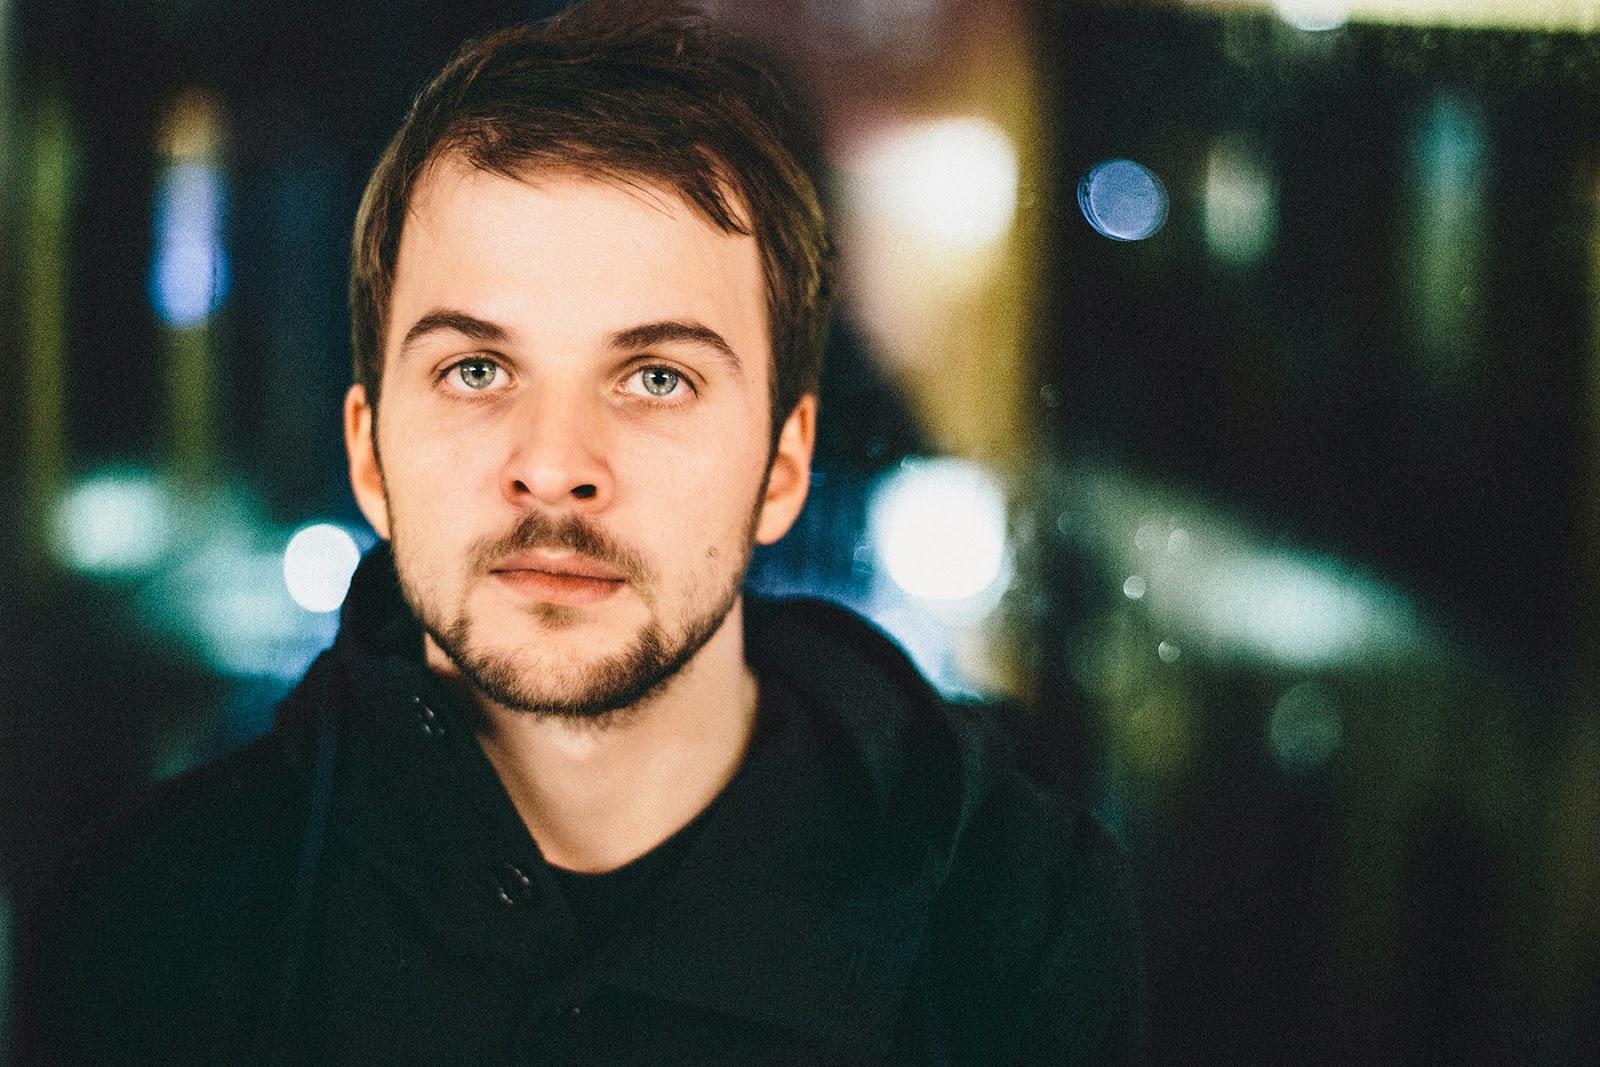 Nils Frahm - Live at la Villette Sonique [720p]